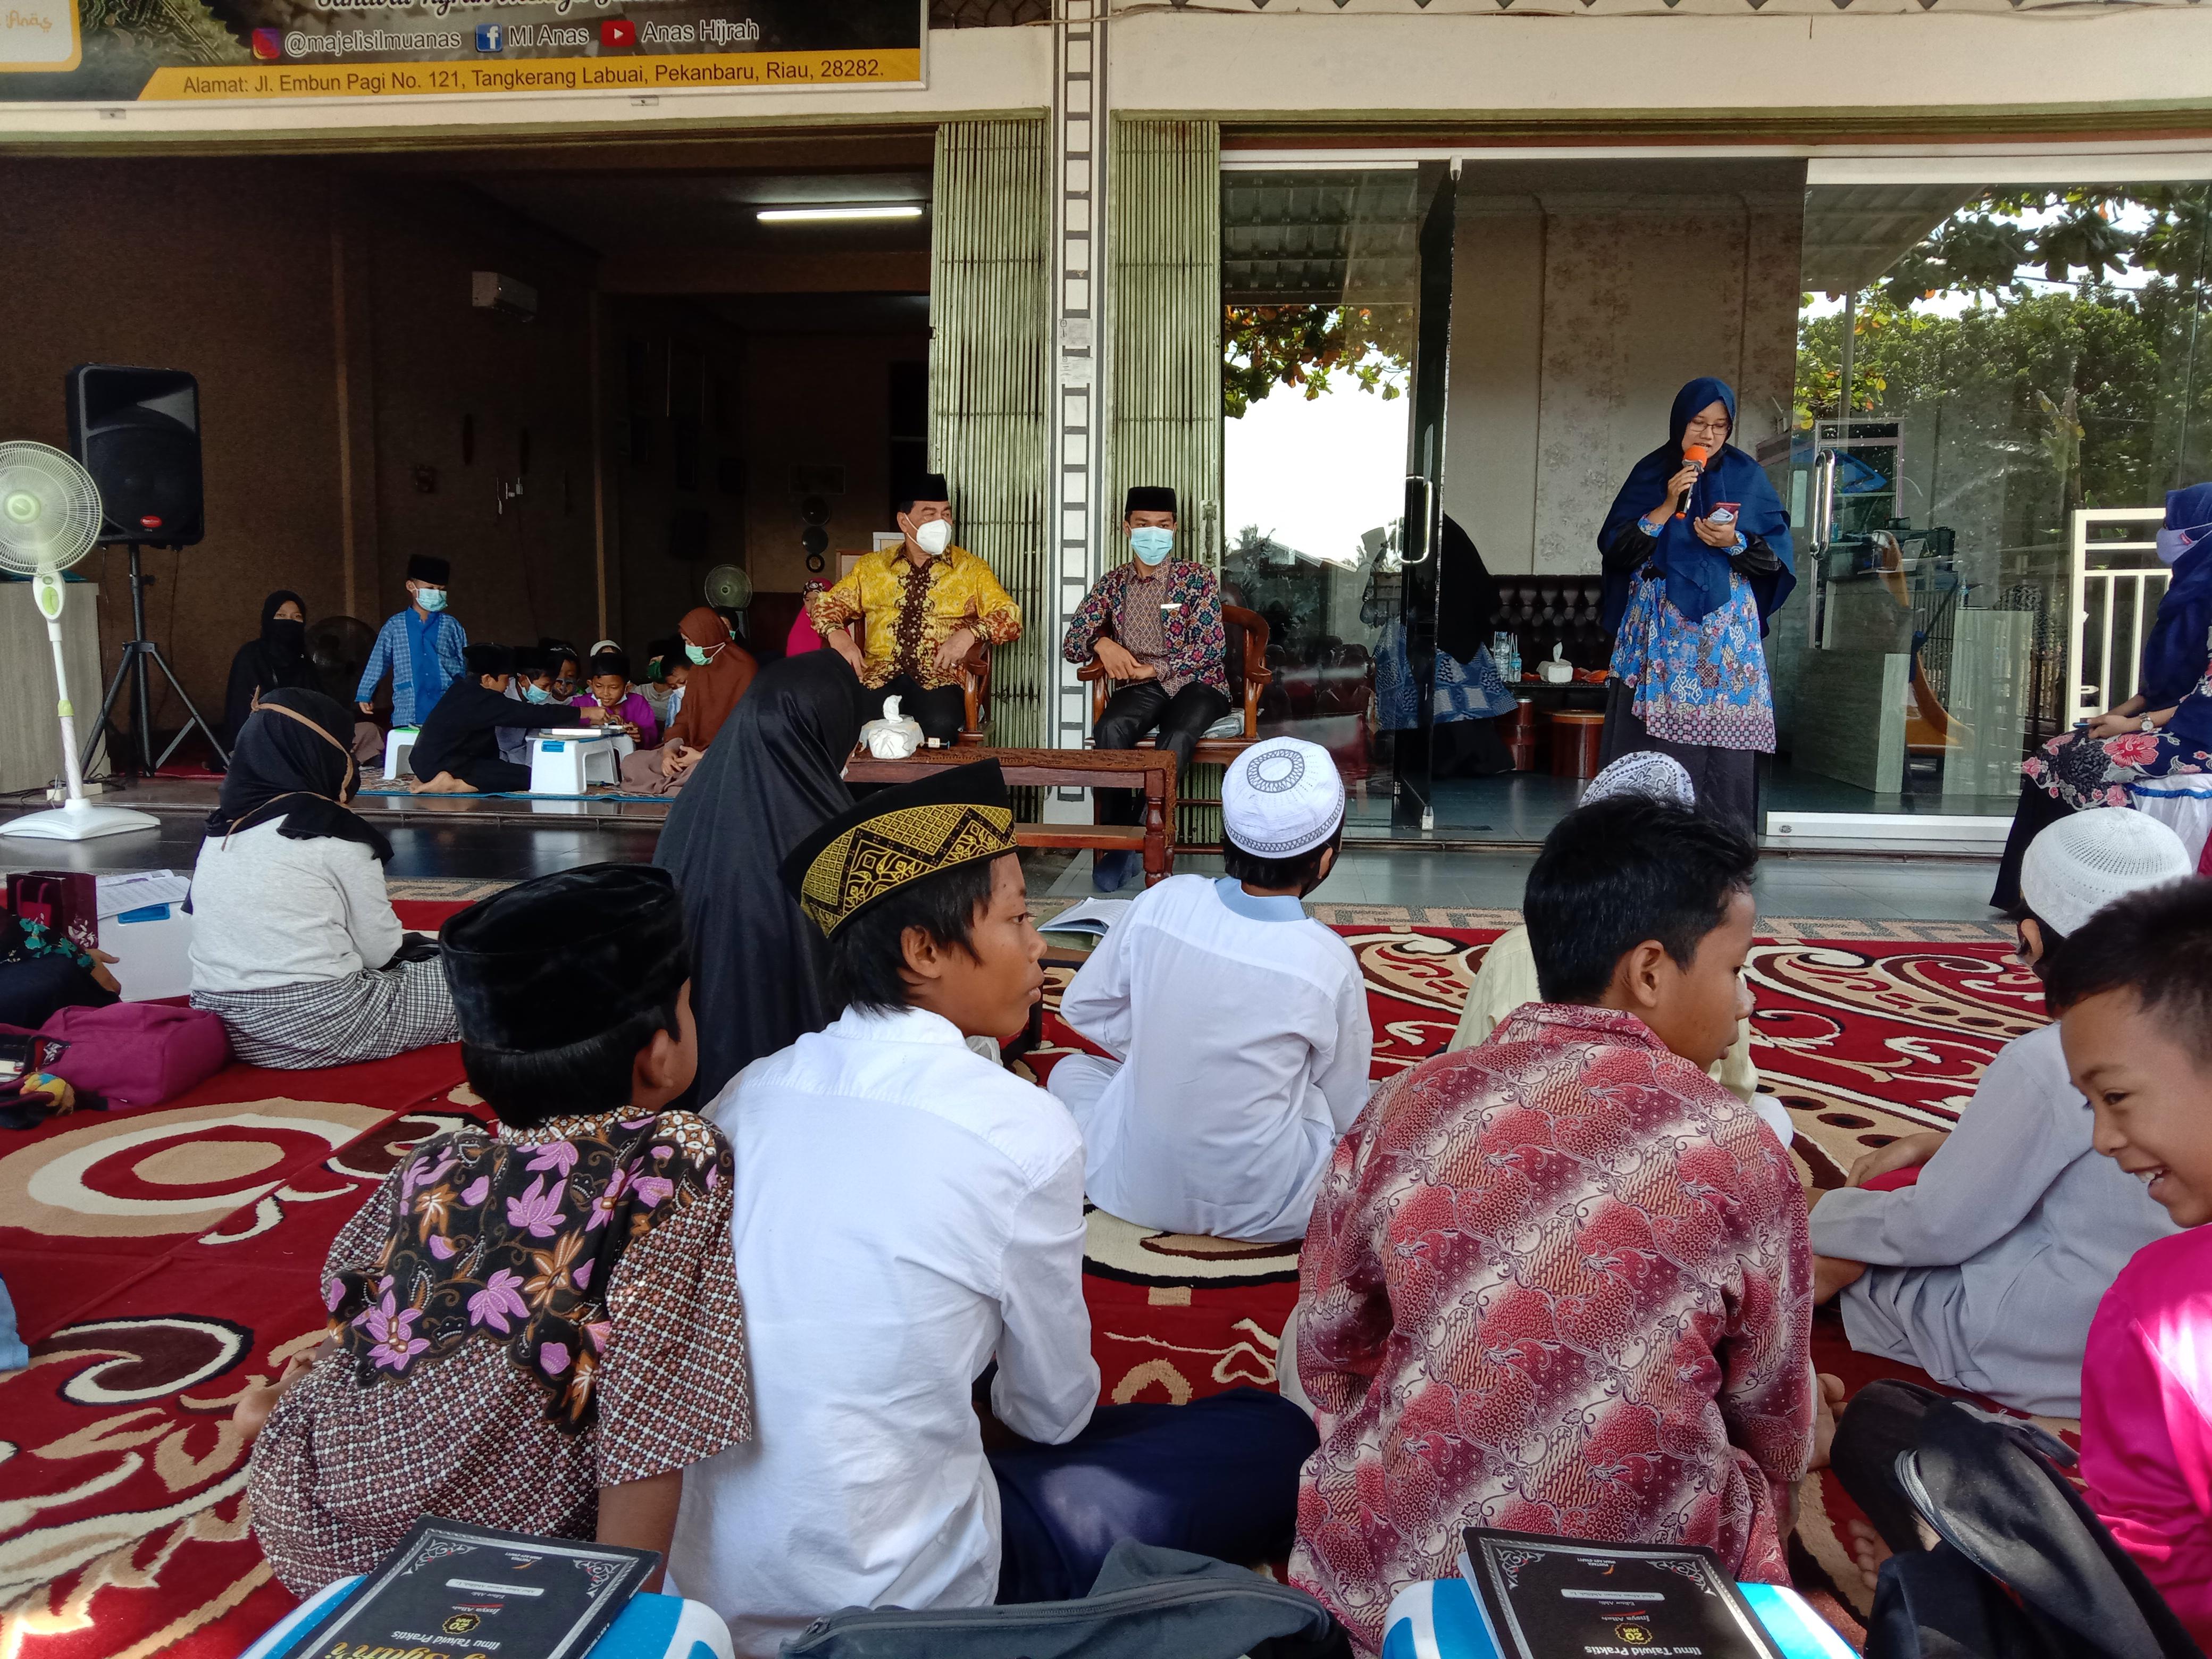 Majelis Ilmu Anas Kedatangan Tamu Anggota DPR RI Achmad